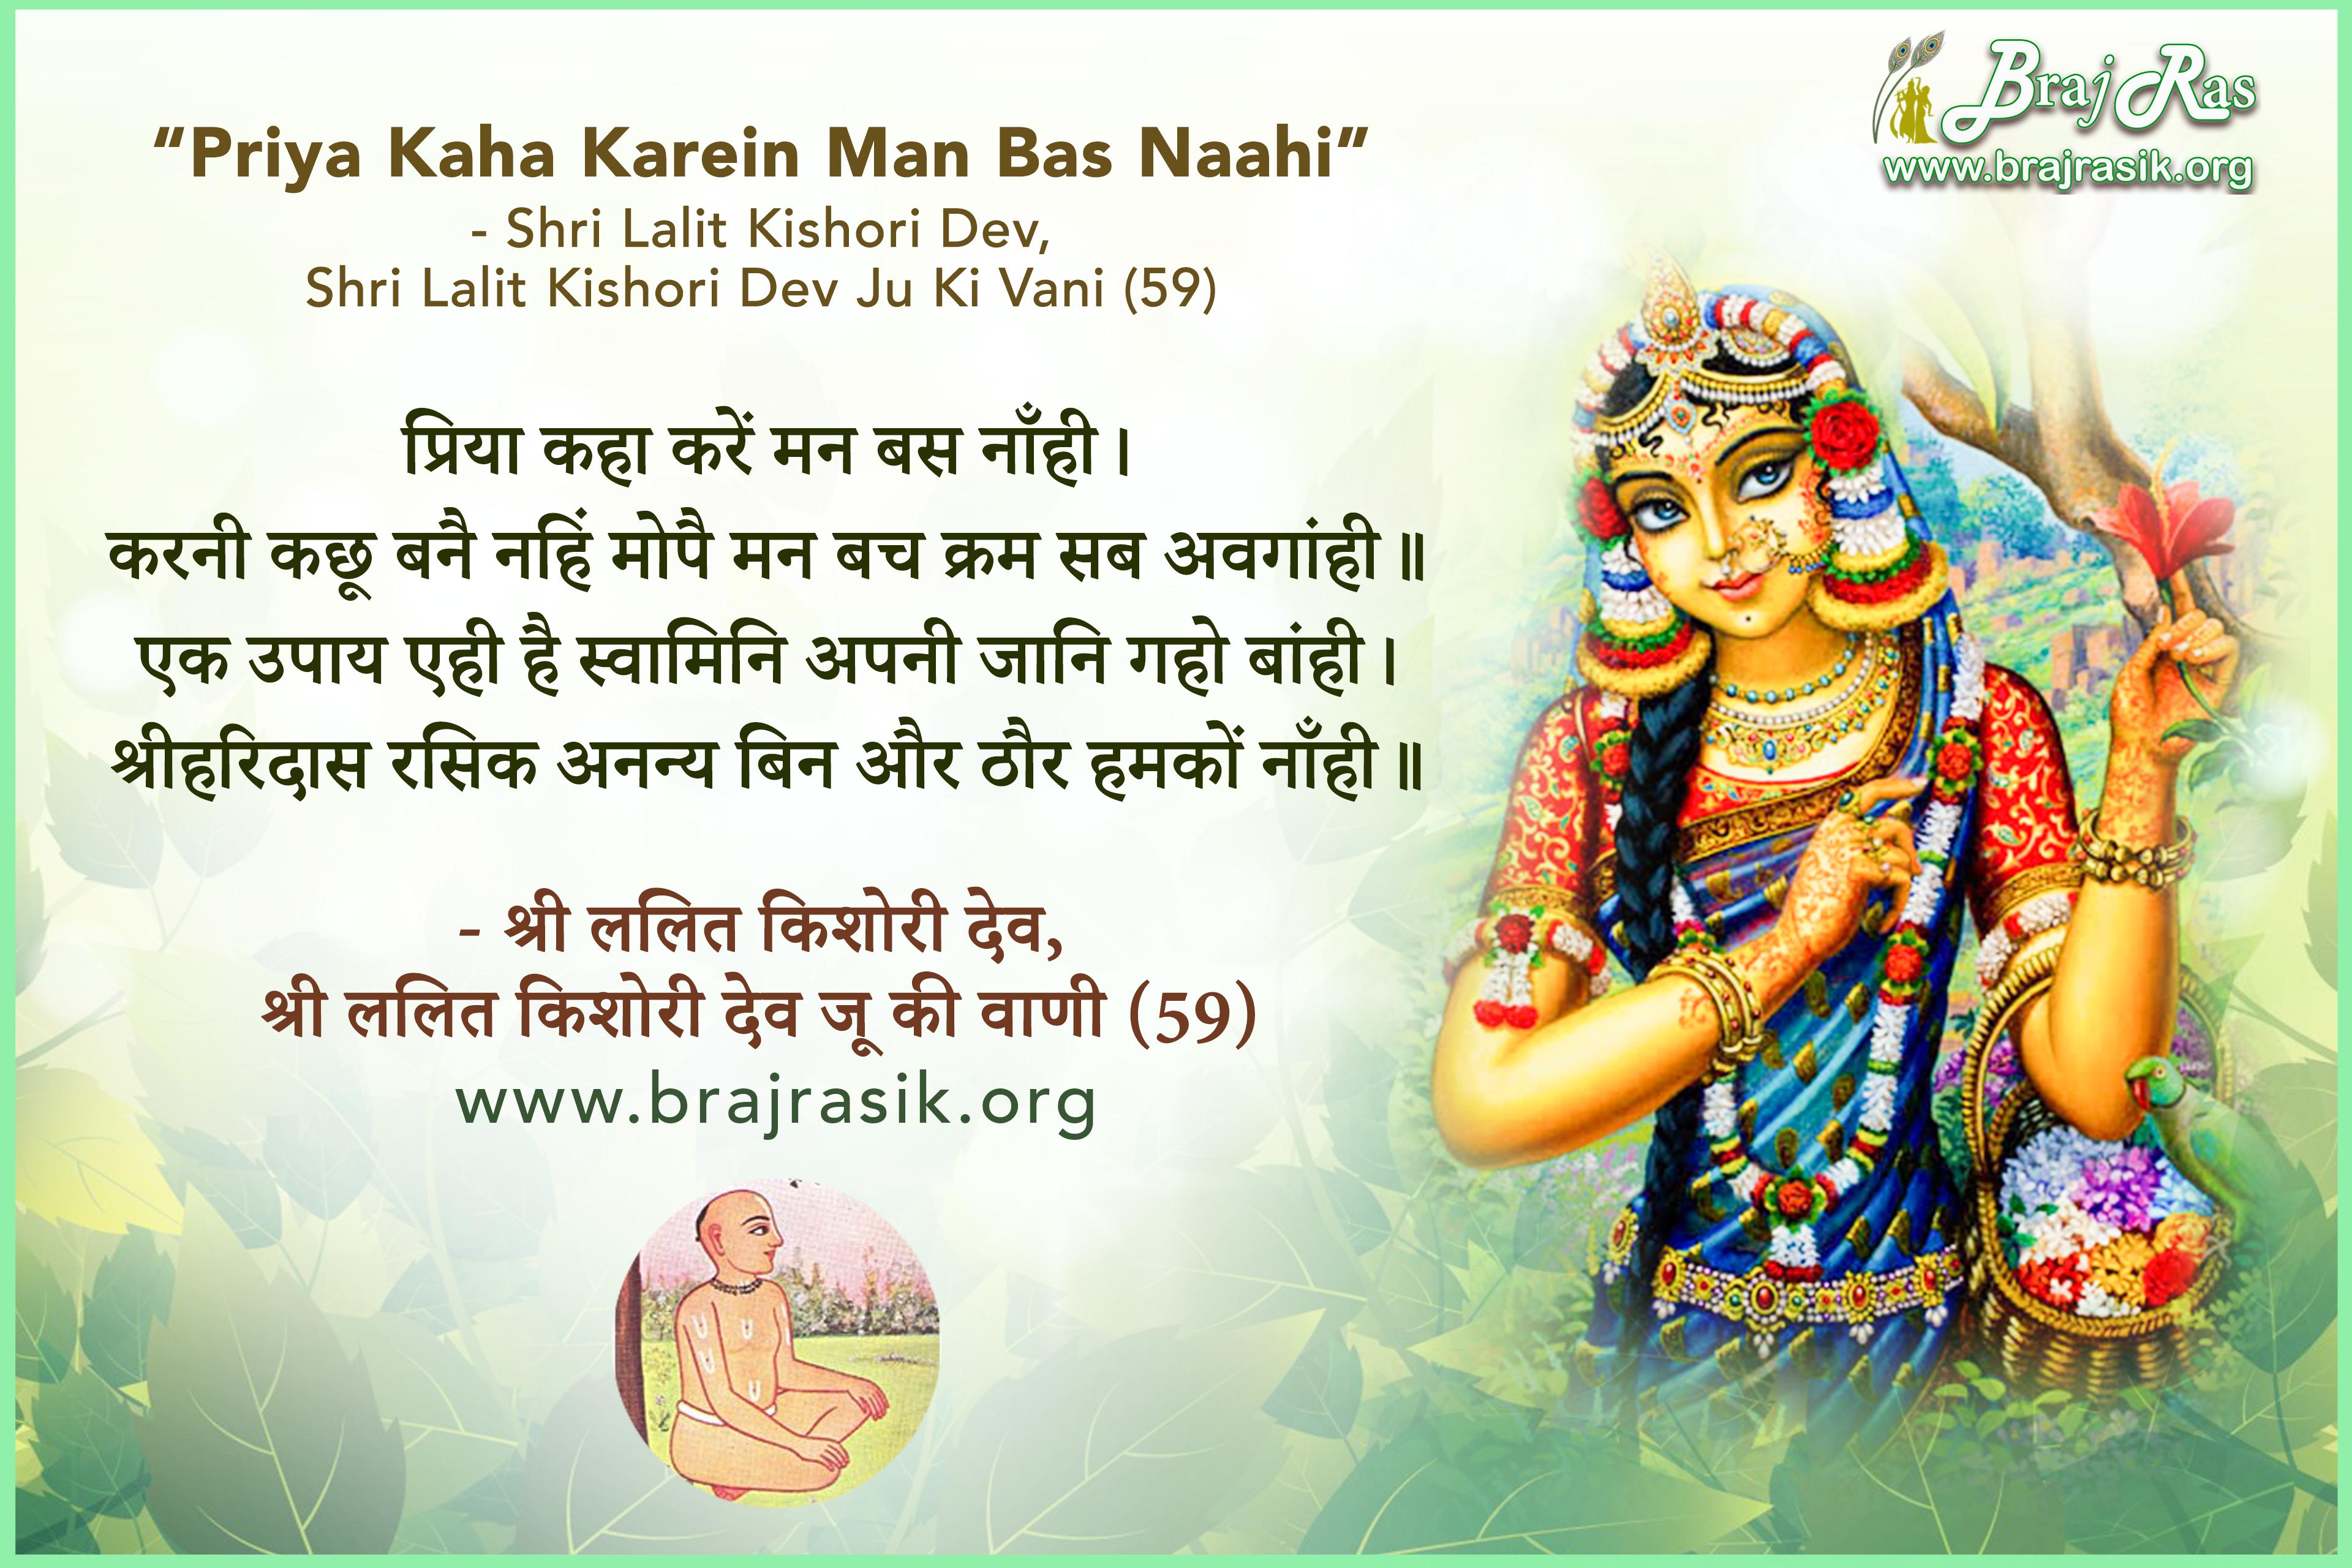 Priya Kaha Karein Man Bas Naahi - Shri Lalit Kishori Dev, Shri Lalit Kishori Dev Ju Ki Vani (59)